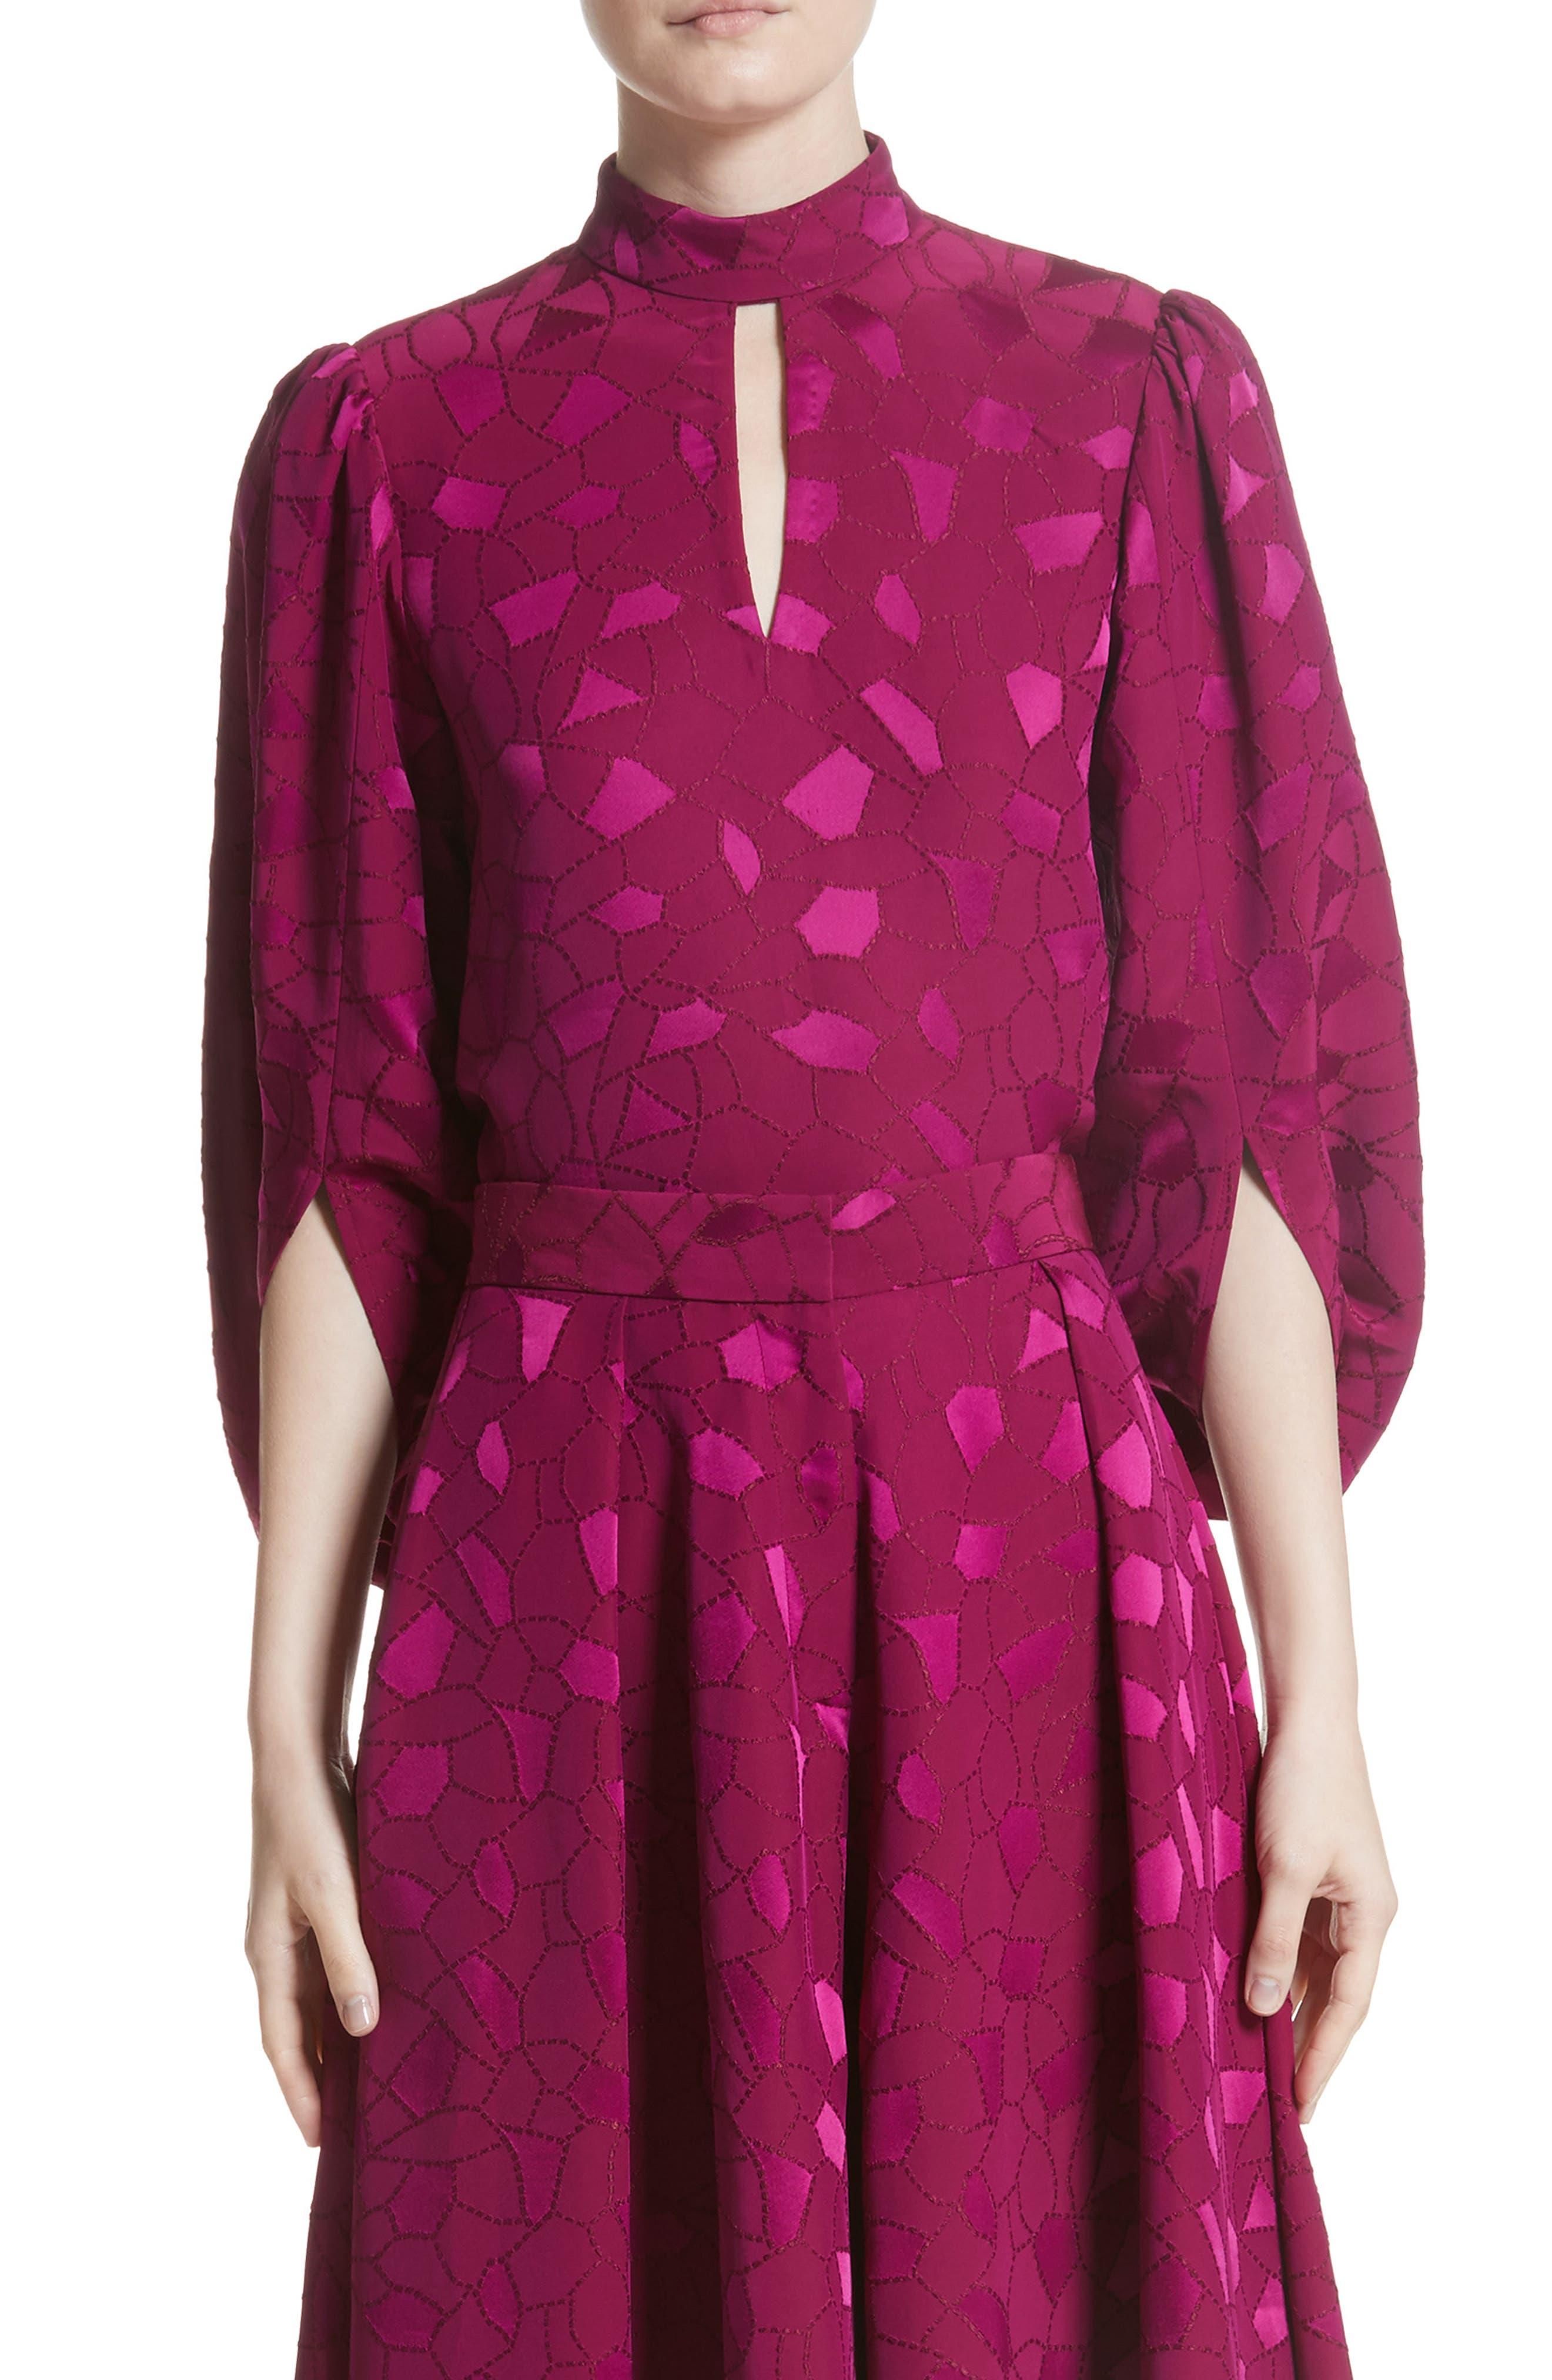 Mosaic Jacquard Puff Sleeve Blouse,                             Main thumbnail 1, color,                             Pink